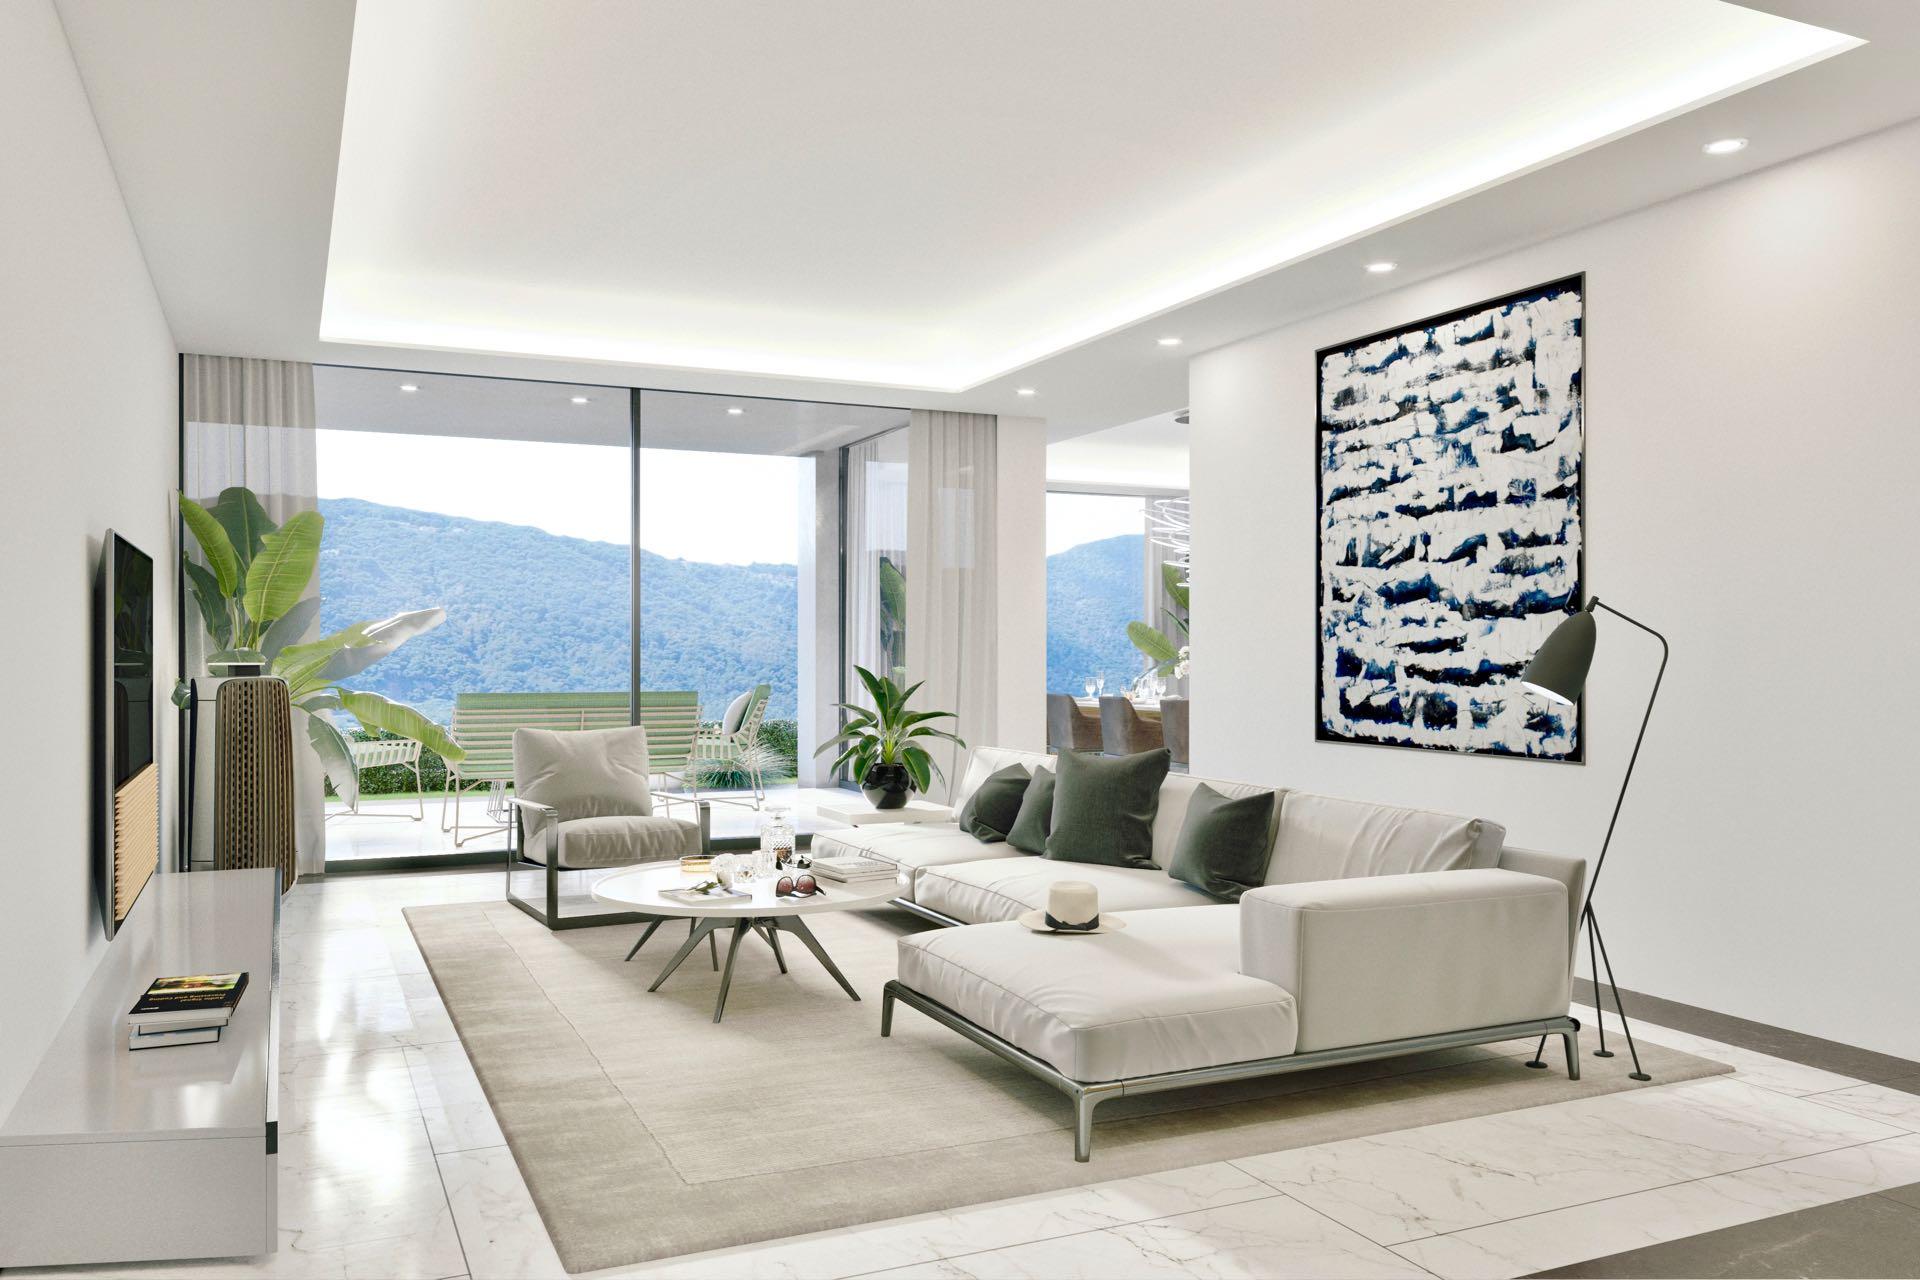 4,5 Zimmer Wohnungen mit Garten - Wohnfläche ca.: 126 m²Terrassenfläche: 17 m²Schlafzimmer: 2Ref. 88558-1